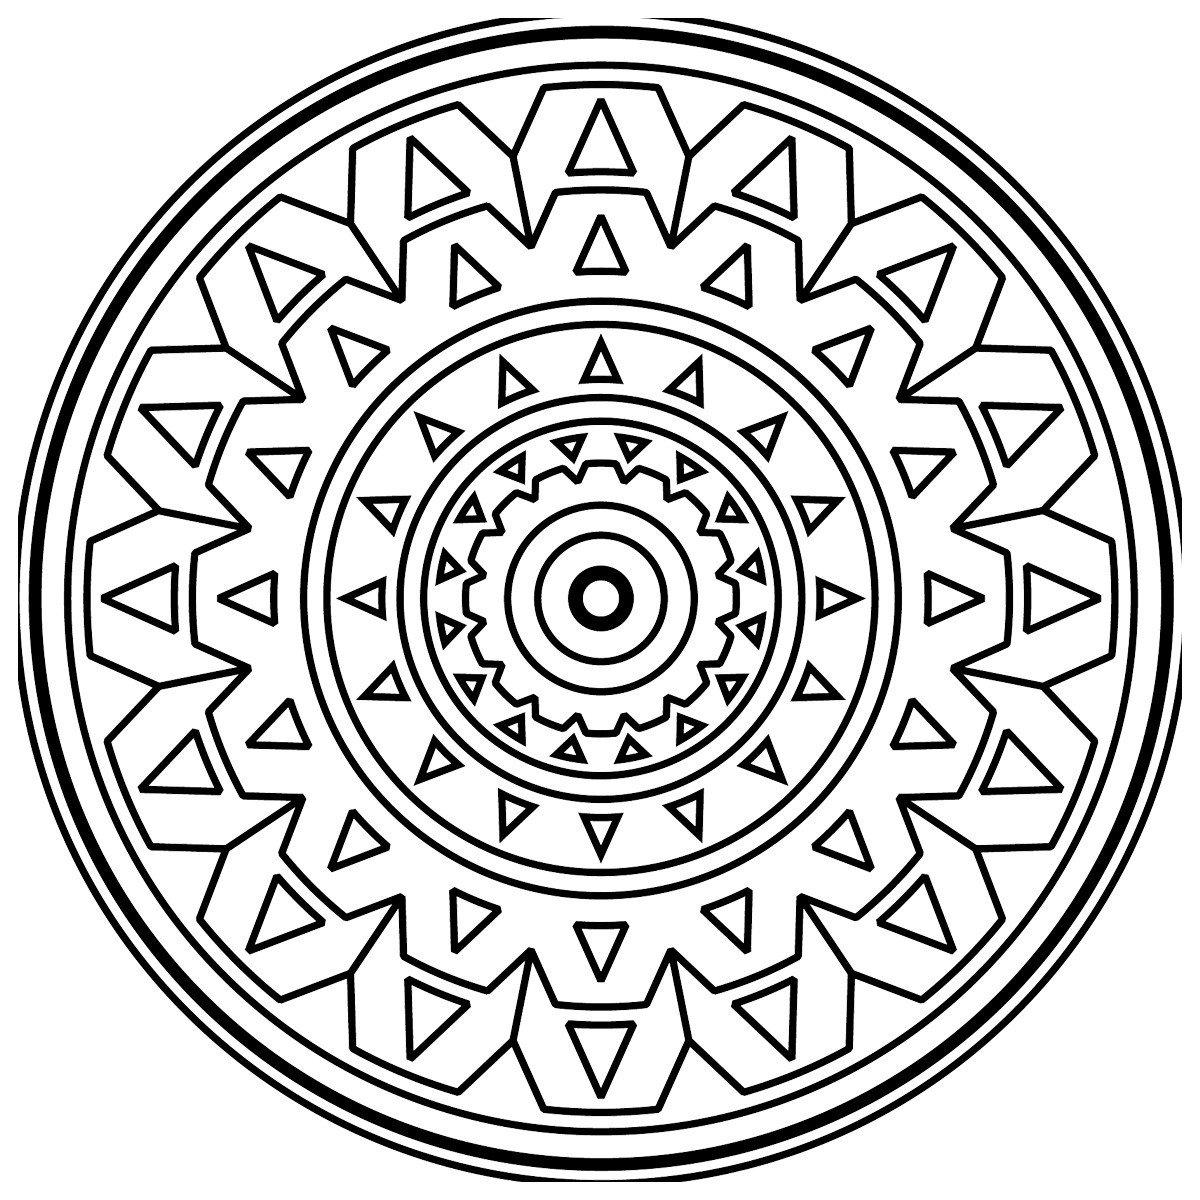 Картинка для раскраски «Зендала Механизмы»